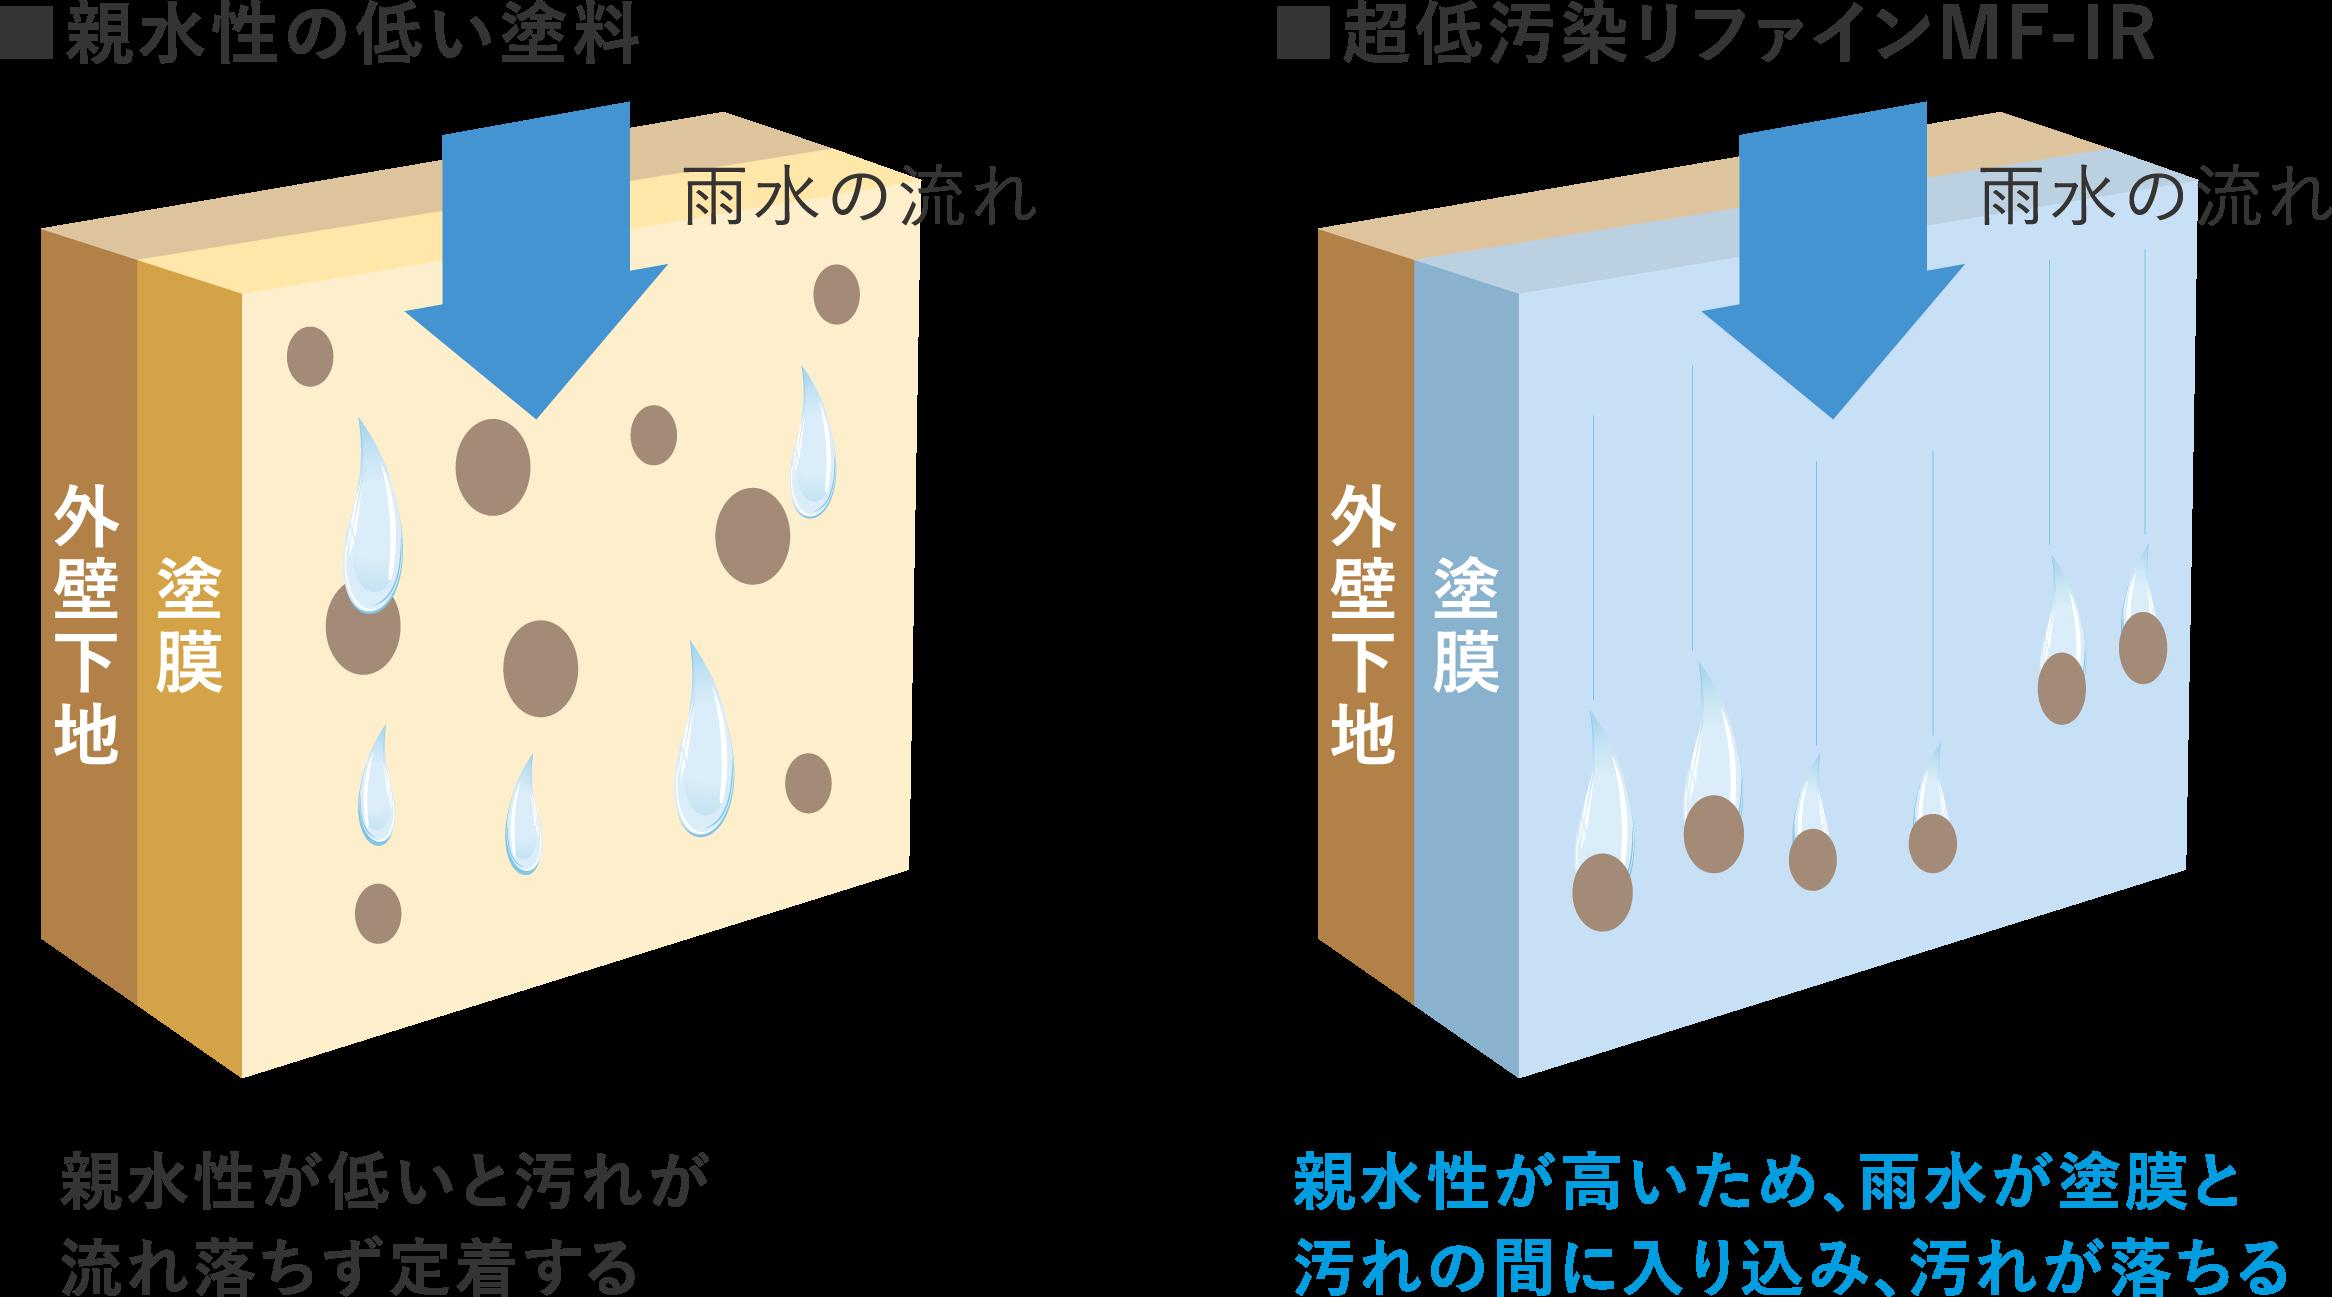 無機成分(特殊強化剤)の持つ超親水性